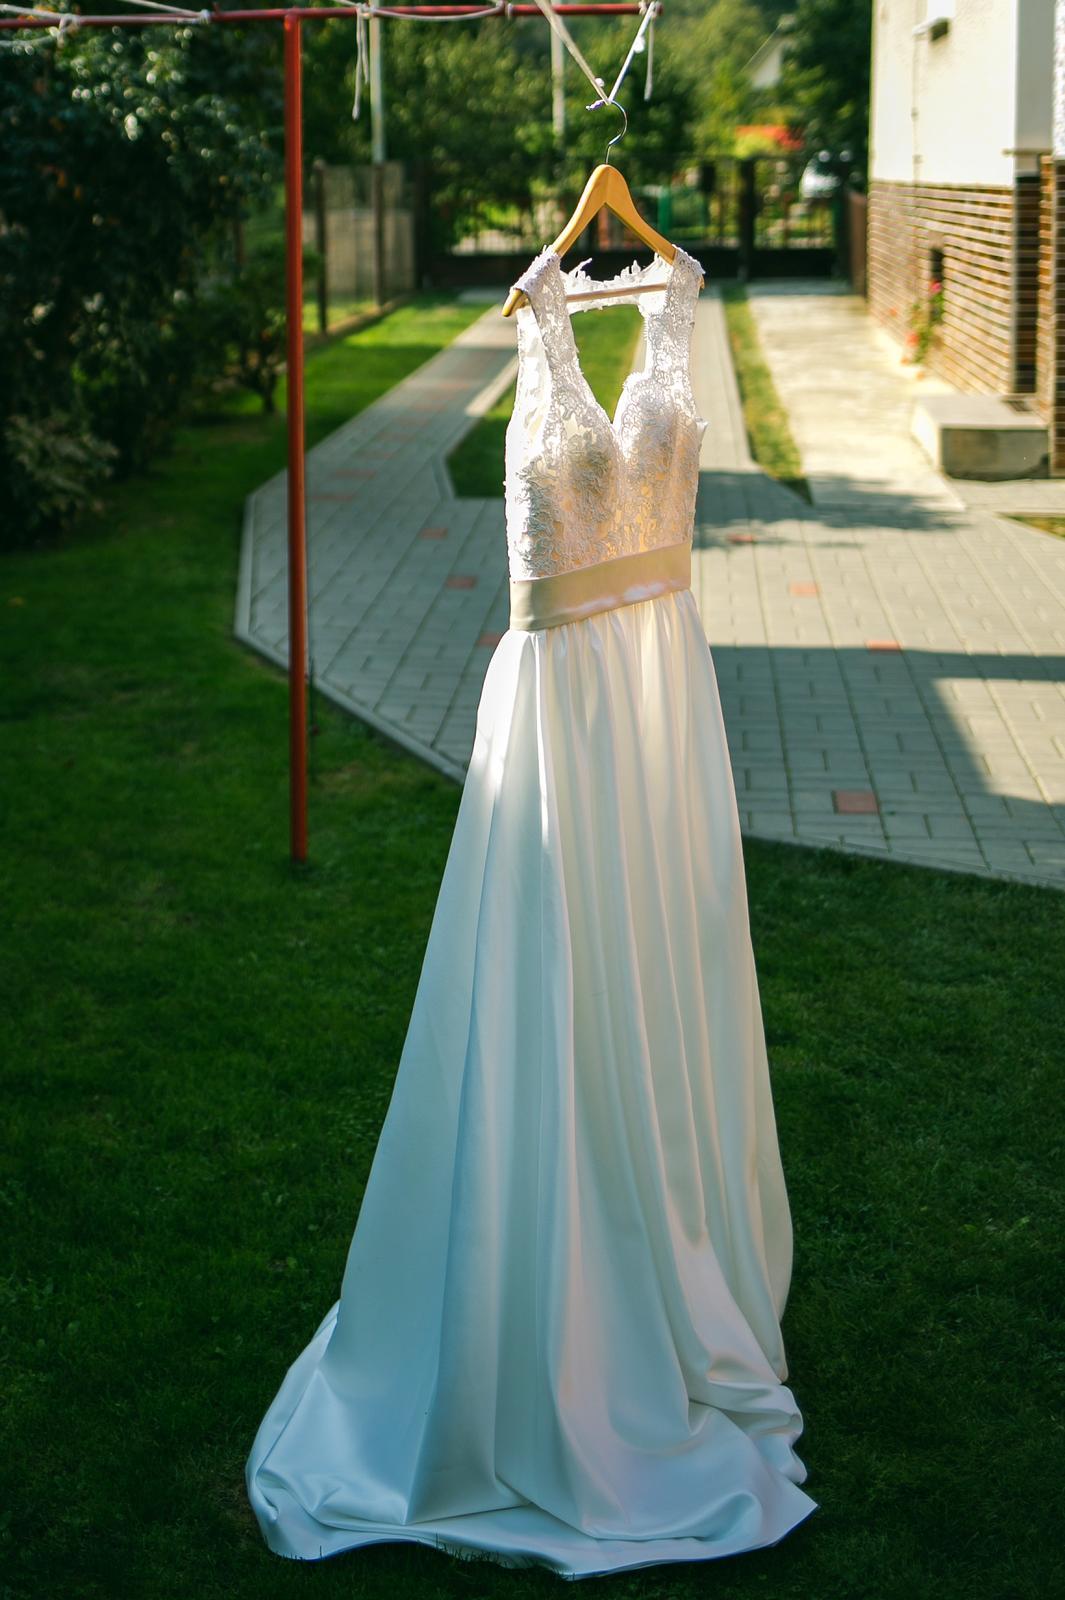 Svadobné šaty so saténovou sukňou-veľ. 36/38 - Obrázok č. 1